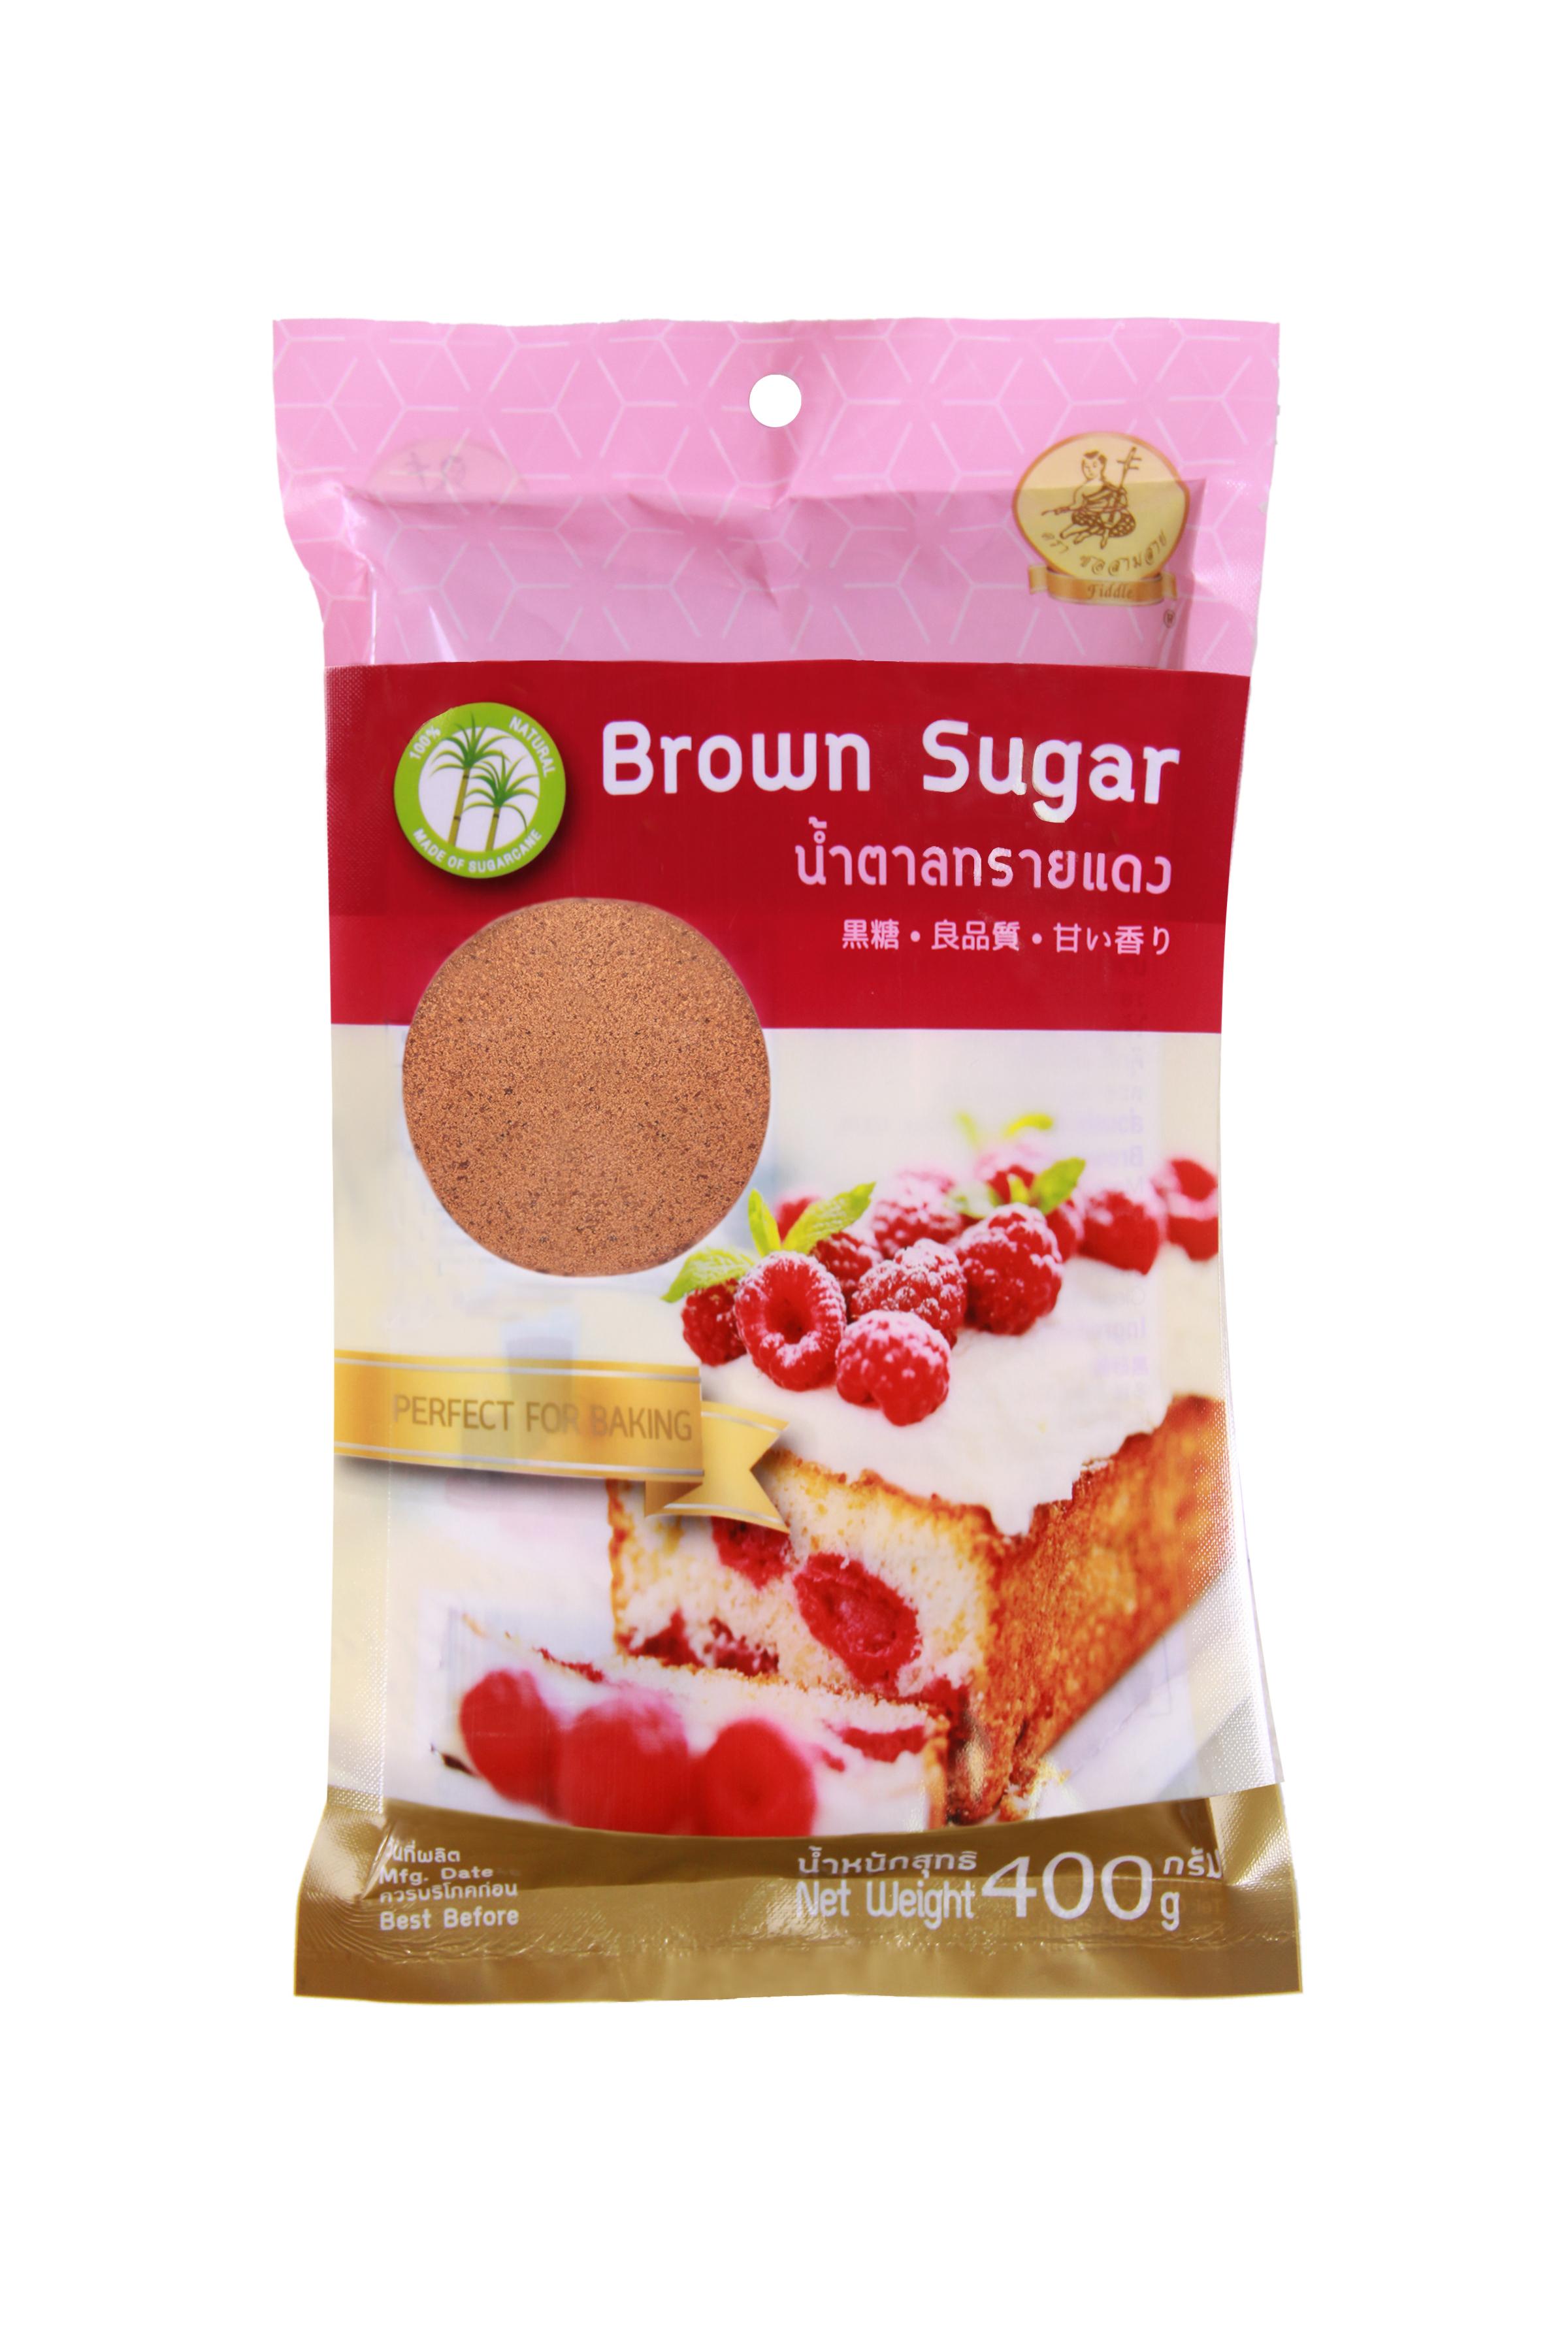 BROWN SUGAR - น้ำตาลทรายแดงถุงเล็ก